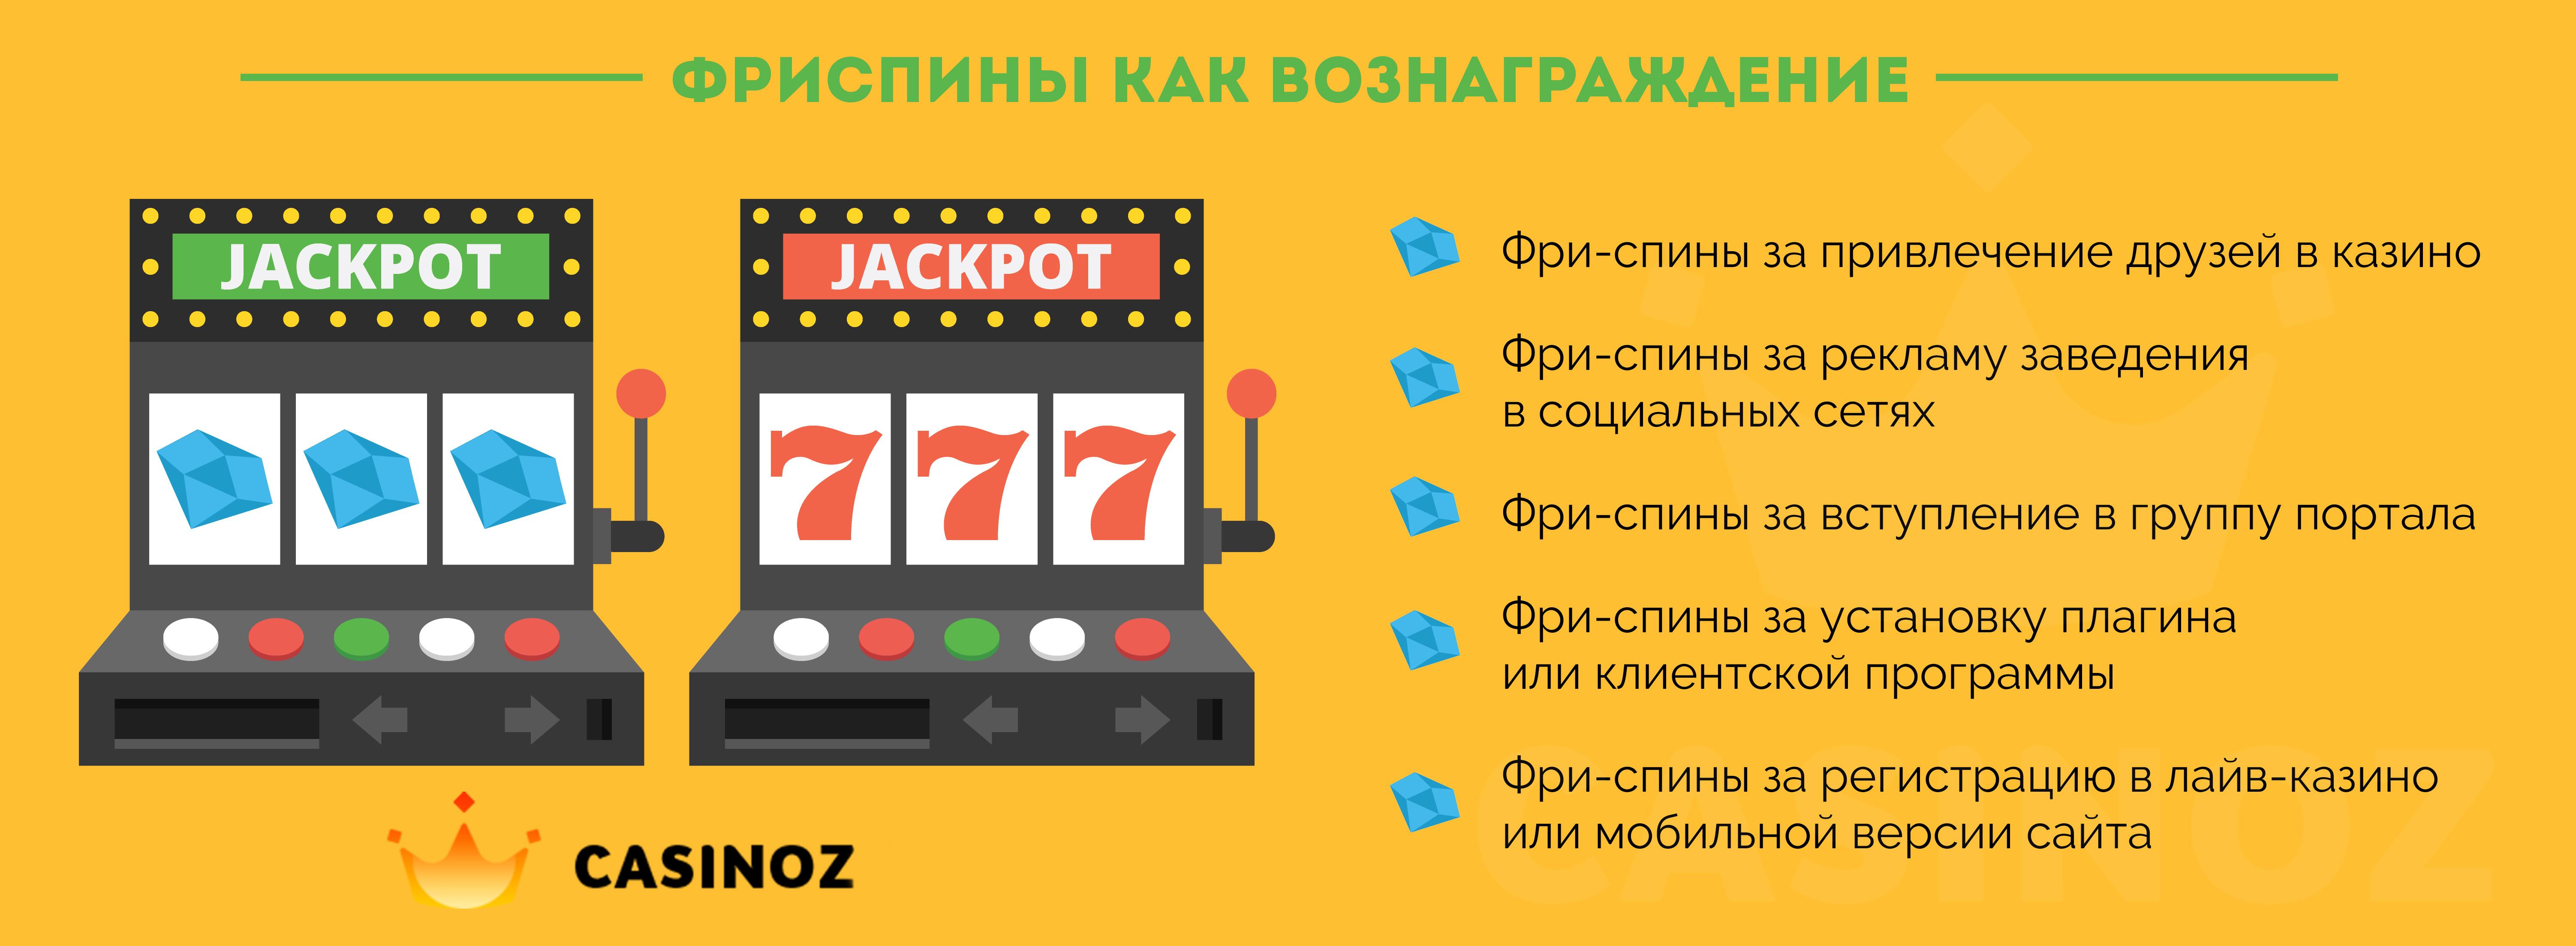 фриспины казино